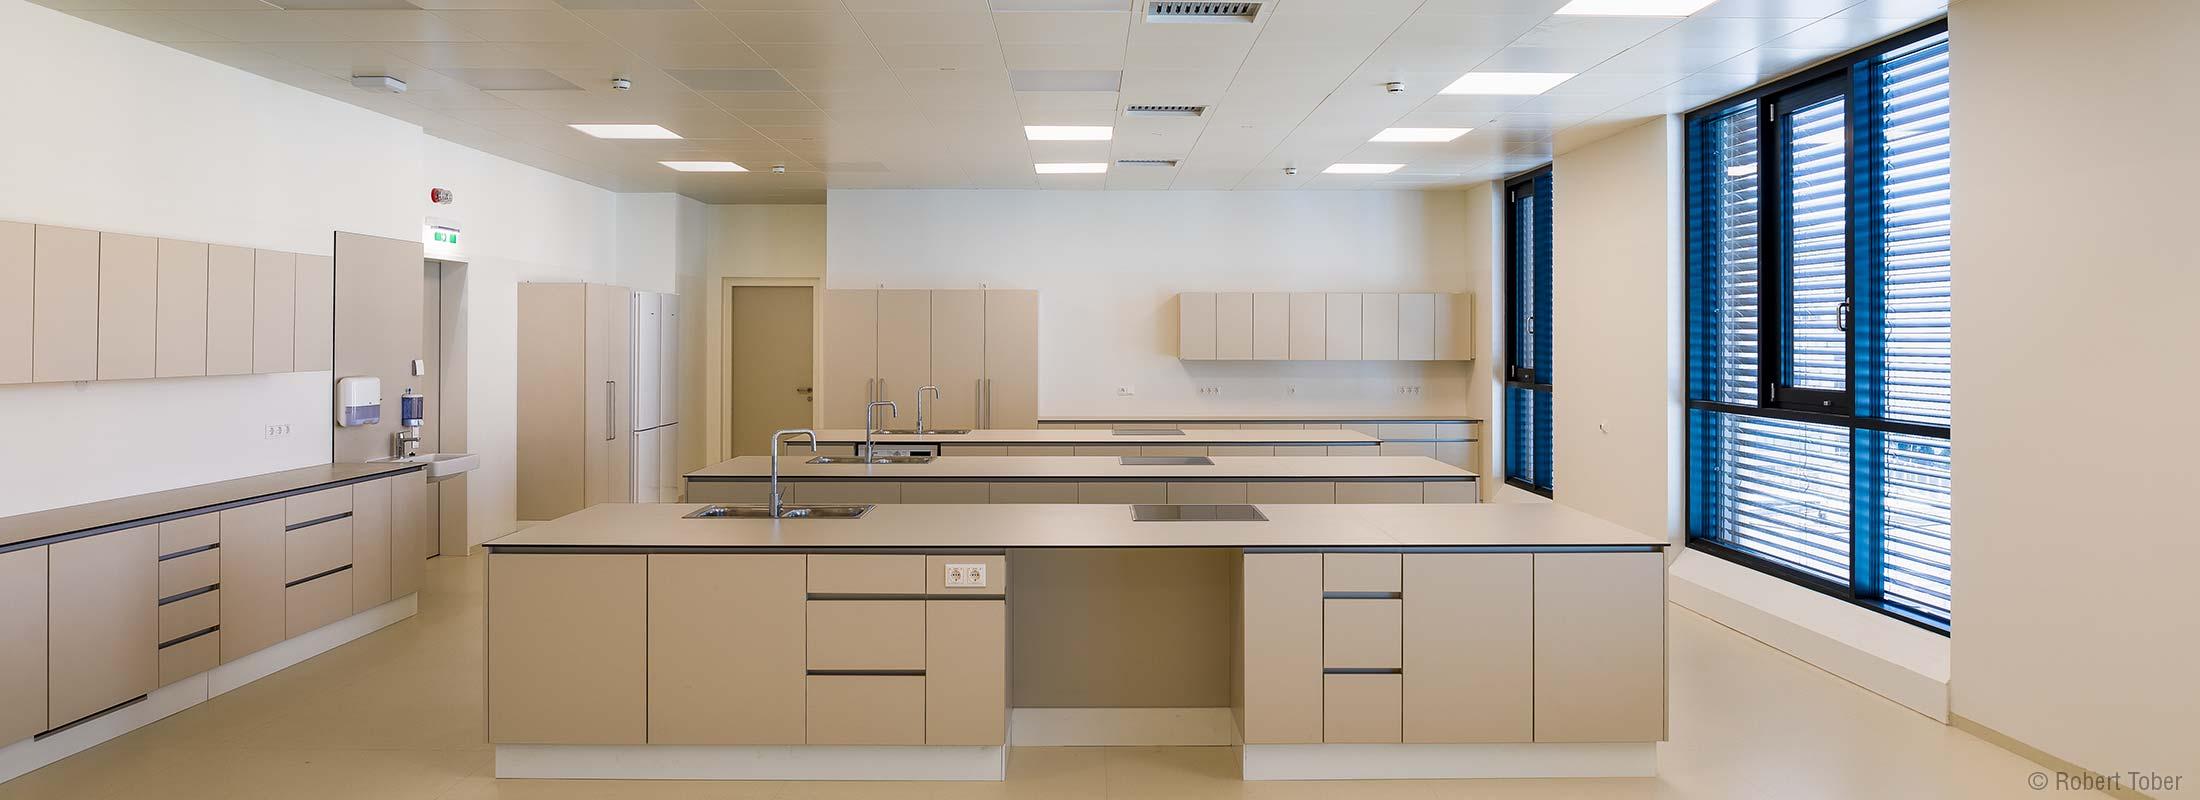 Modern eingerichtete Kochplätze für Hauswirtschaftslehre. Christine Nöstlinger Campus Wien. © Robert Tober